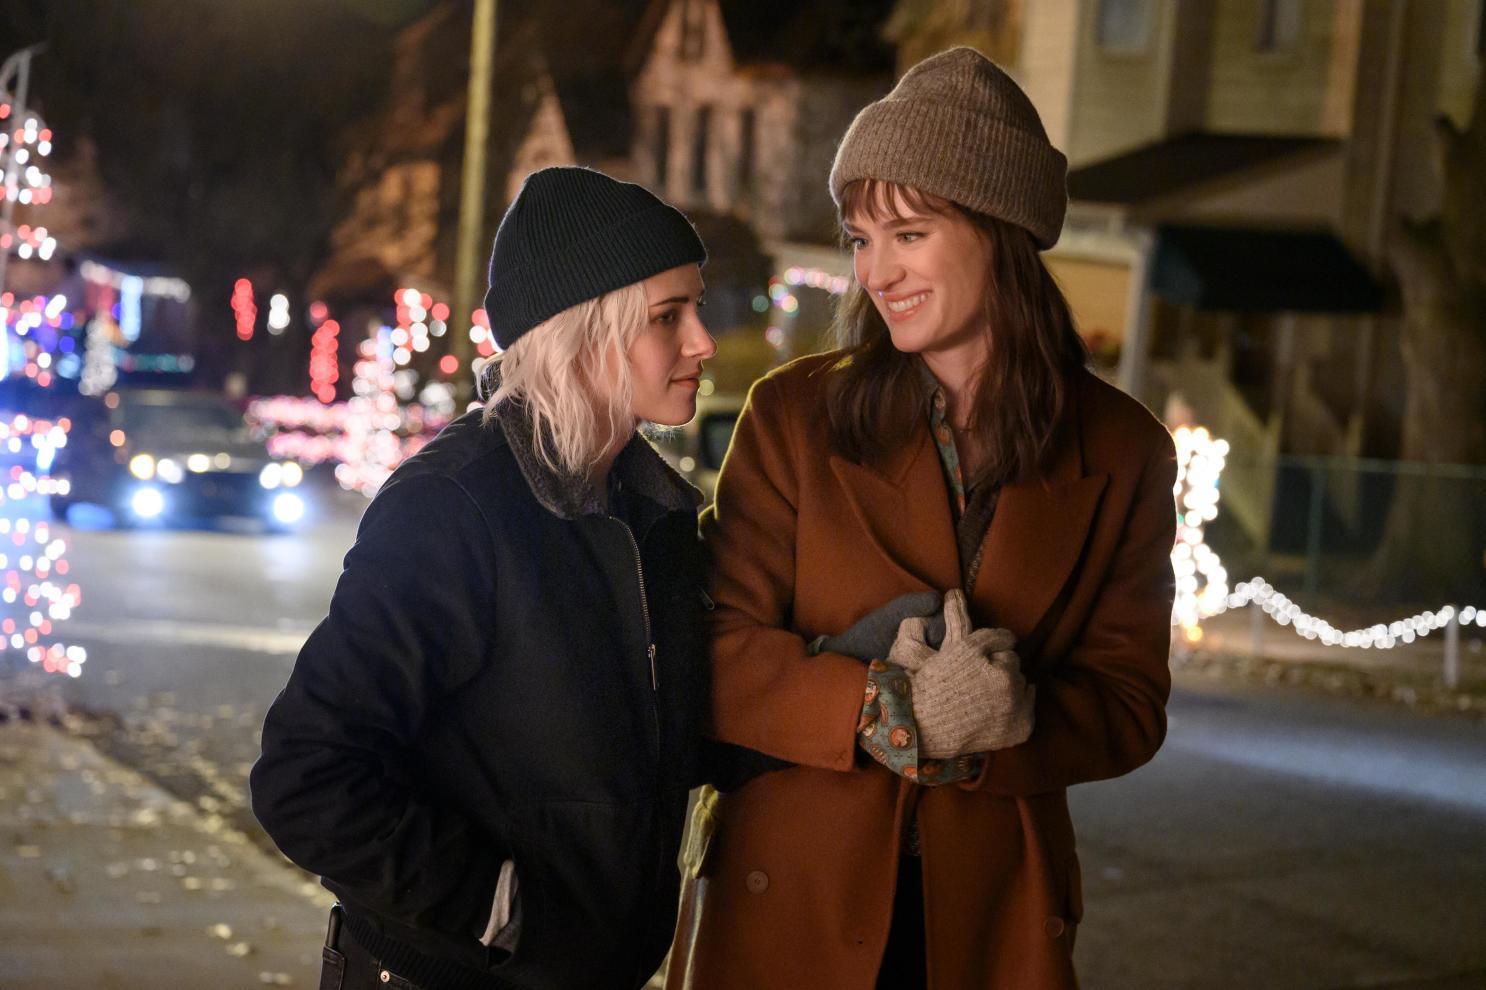 Happiest Season La Esetacion De La Felicidad Kristen Stewart, Hay una lesbiana en mi sopa